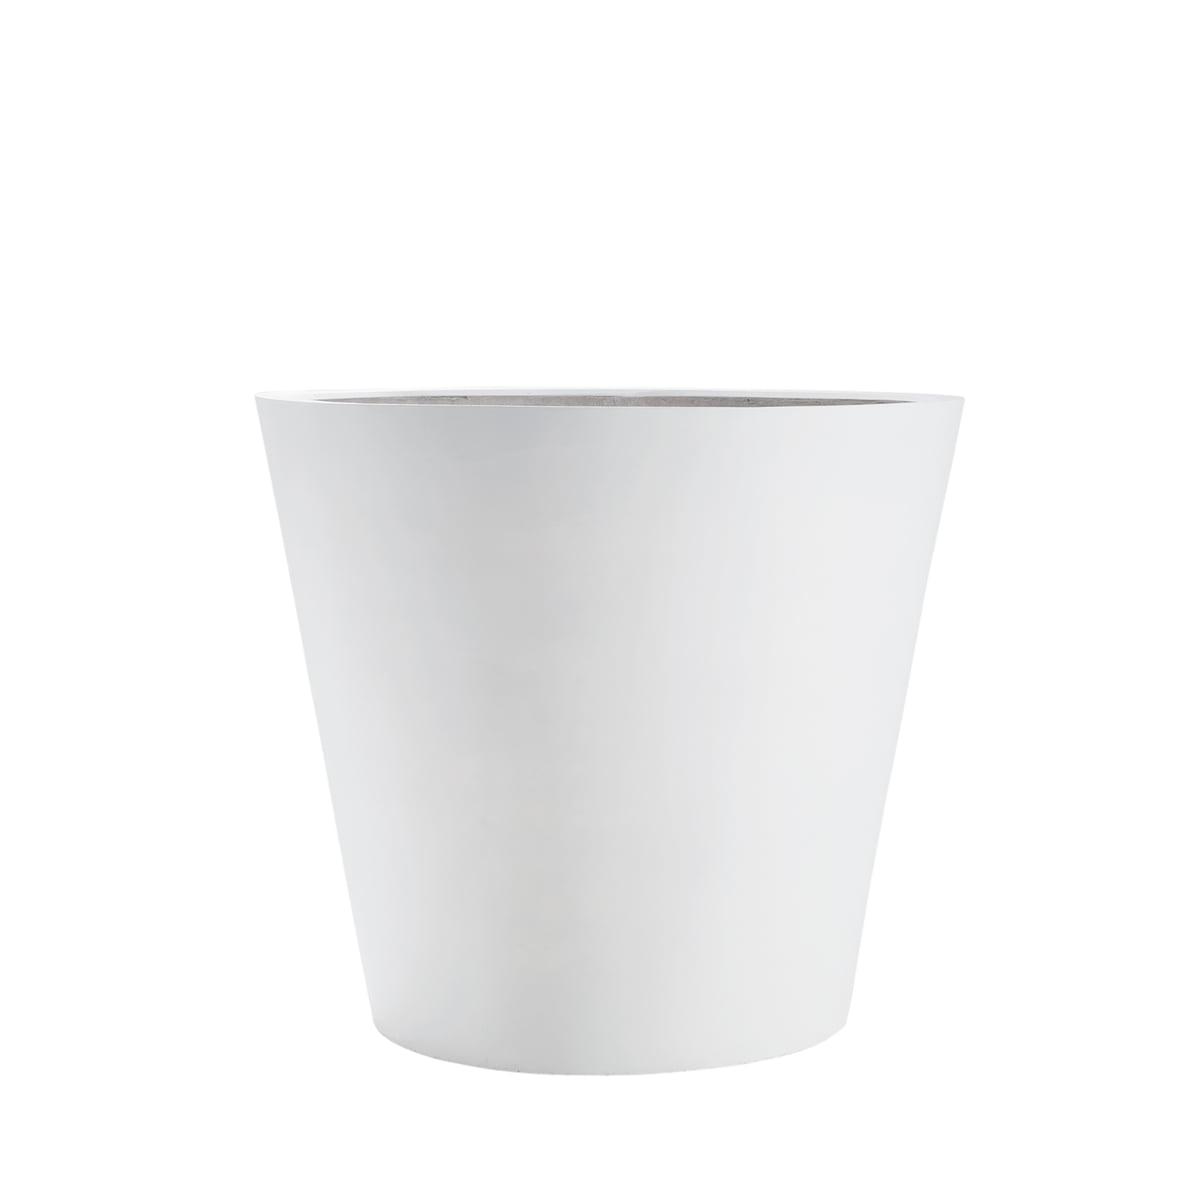 Amei - Der Runde Pflanzkübel, S, weiß | Dekoration > Dekopflanzen > Pflanzenkübel | Weiß | Stonefiber (mixtur als polyesterharz und gemahlenem stein mit strängen aus fiberglas) | Amei